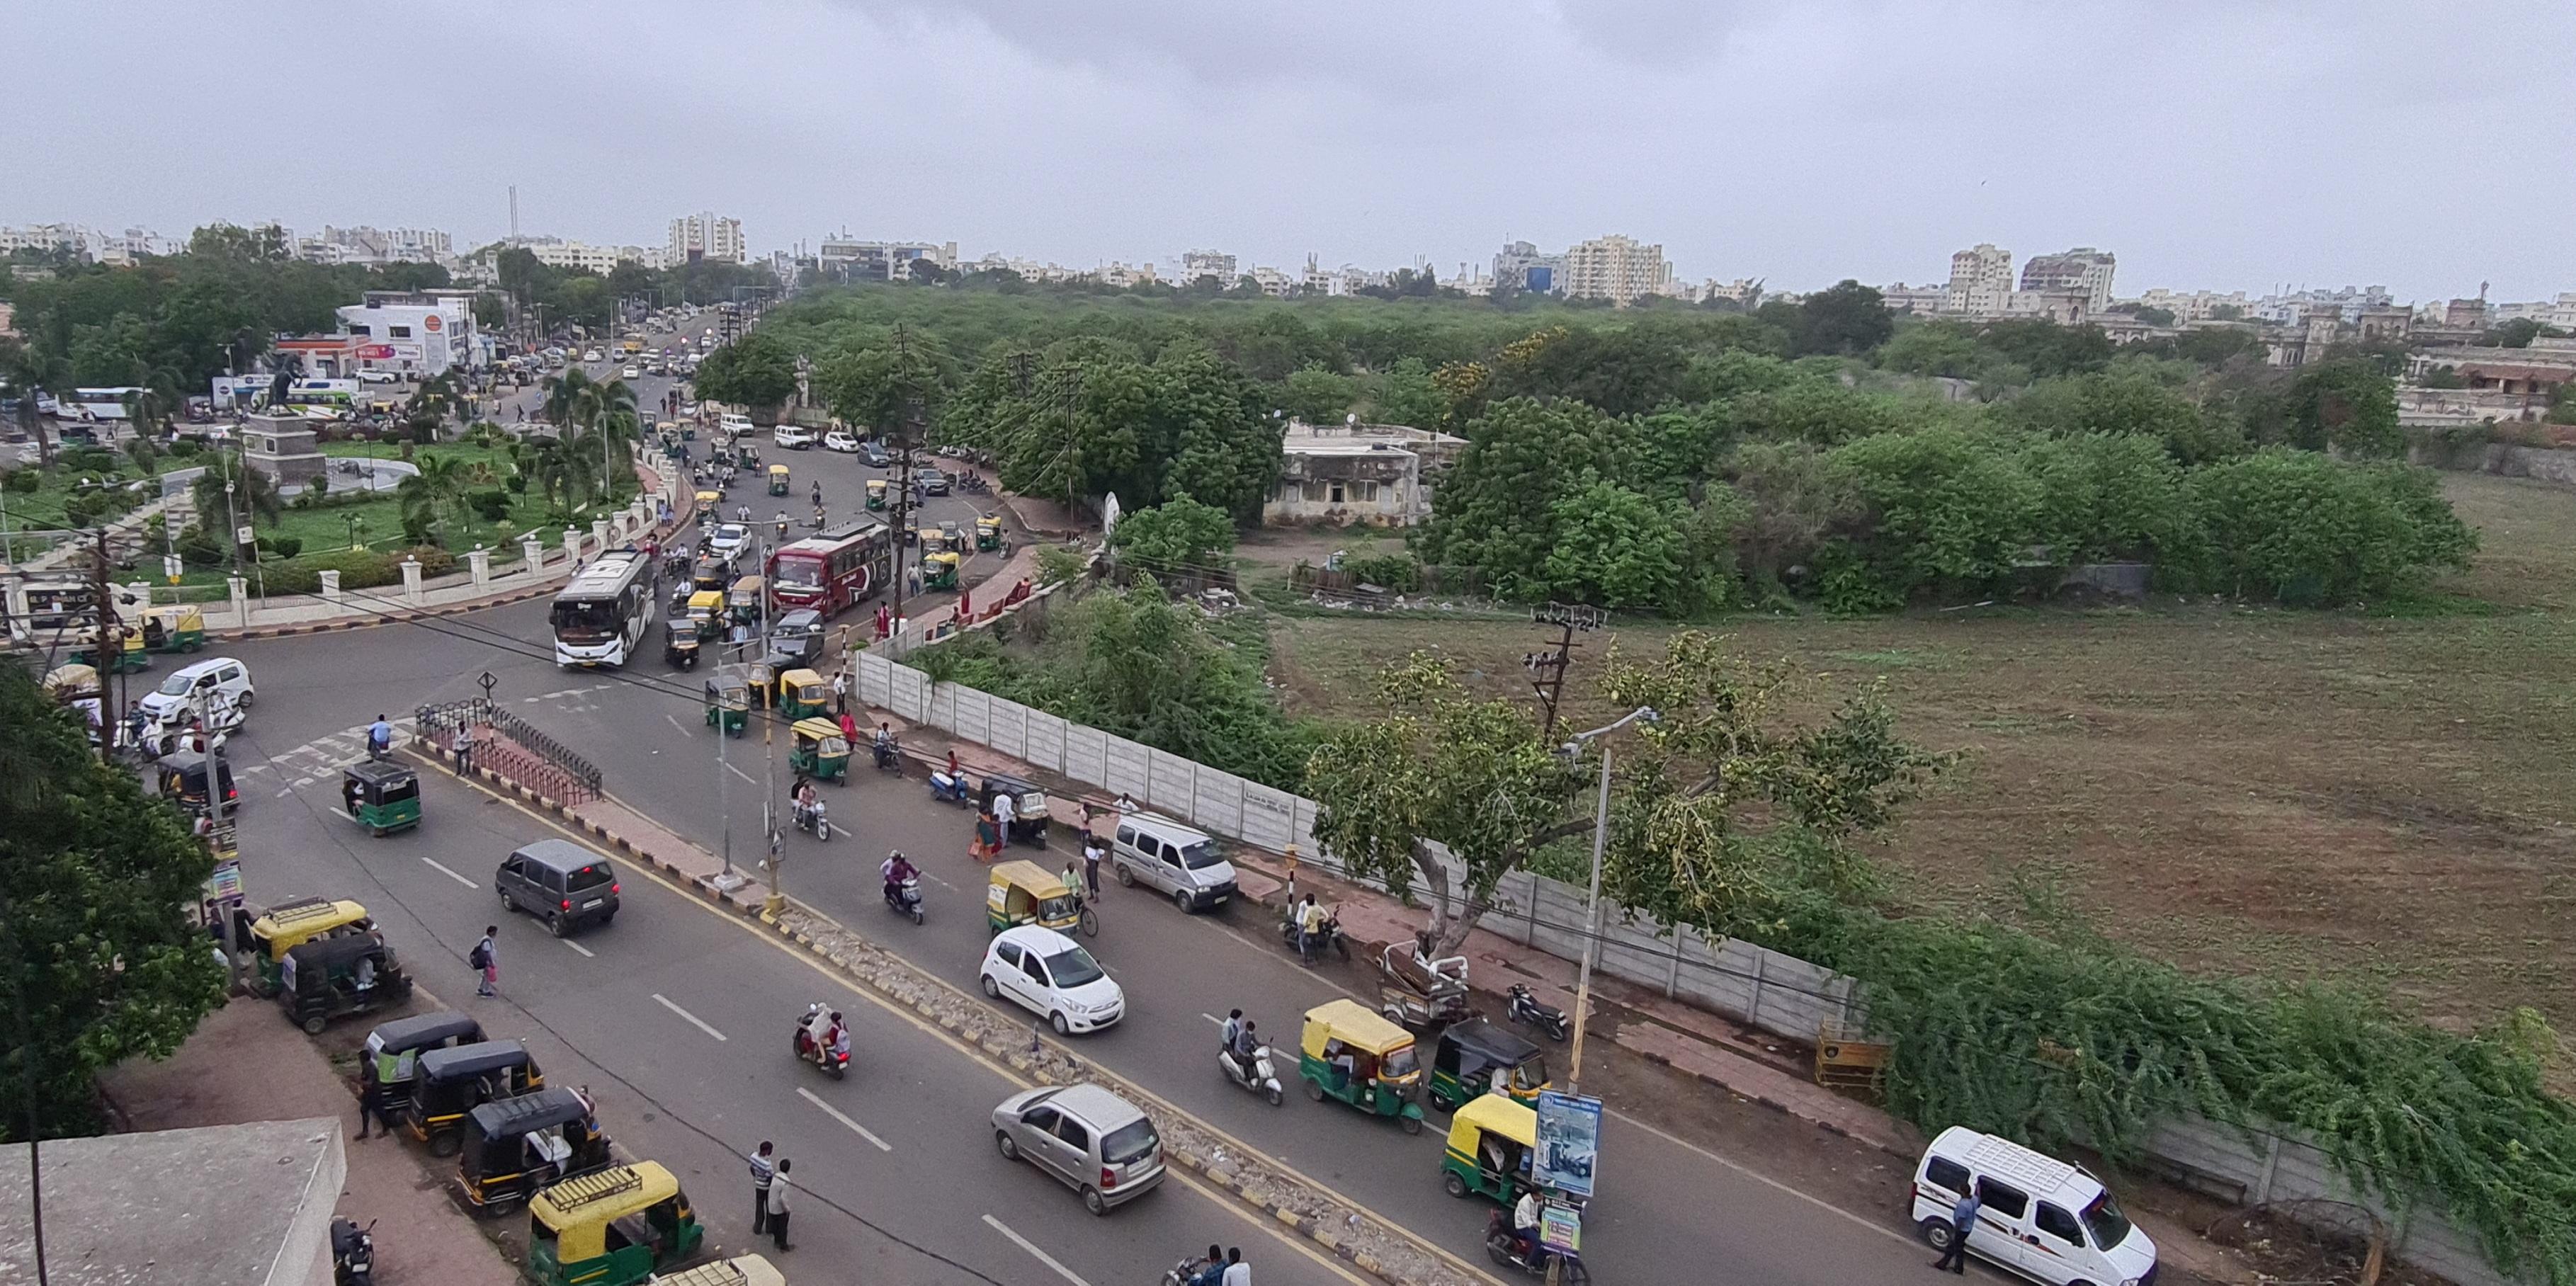 સાત રસ્તા સર્કલથી ગુરૂદ્વારા ચોકડી સુધીનો માર્ગ 18 મહિના બંધ રહેશે, ચાર માર્ગીય એલીવેટેડ ફલાય ઓવર બ્રીજનું કામ ચાલુ કરવાનું હોવાથી મનપાનો નિર્ણય|જામનગર,Jamnagar - Divya Bhaskar